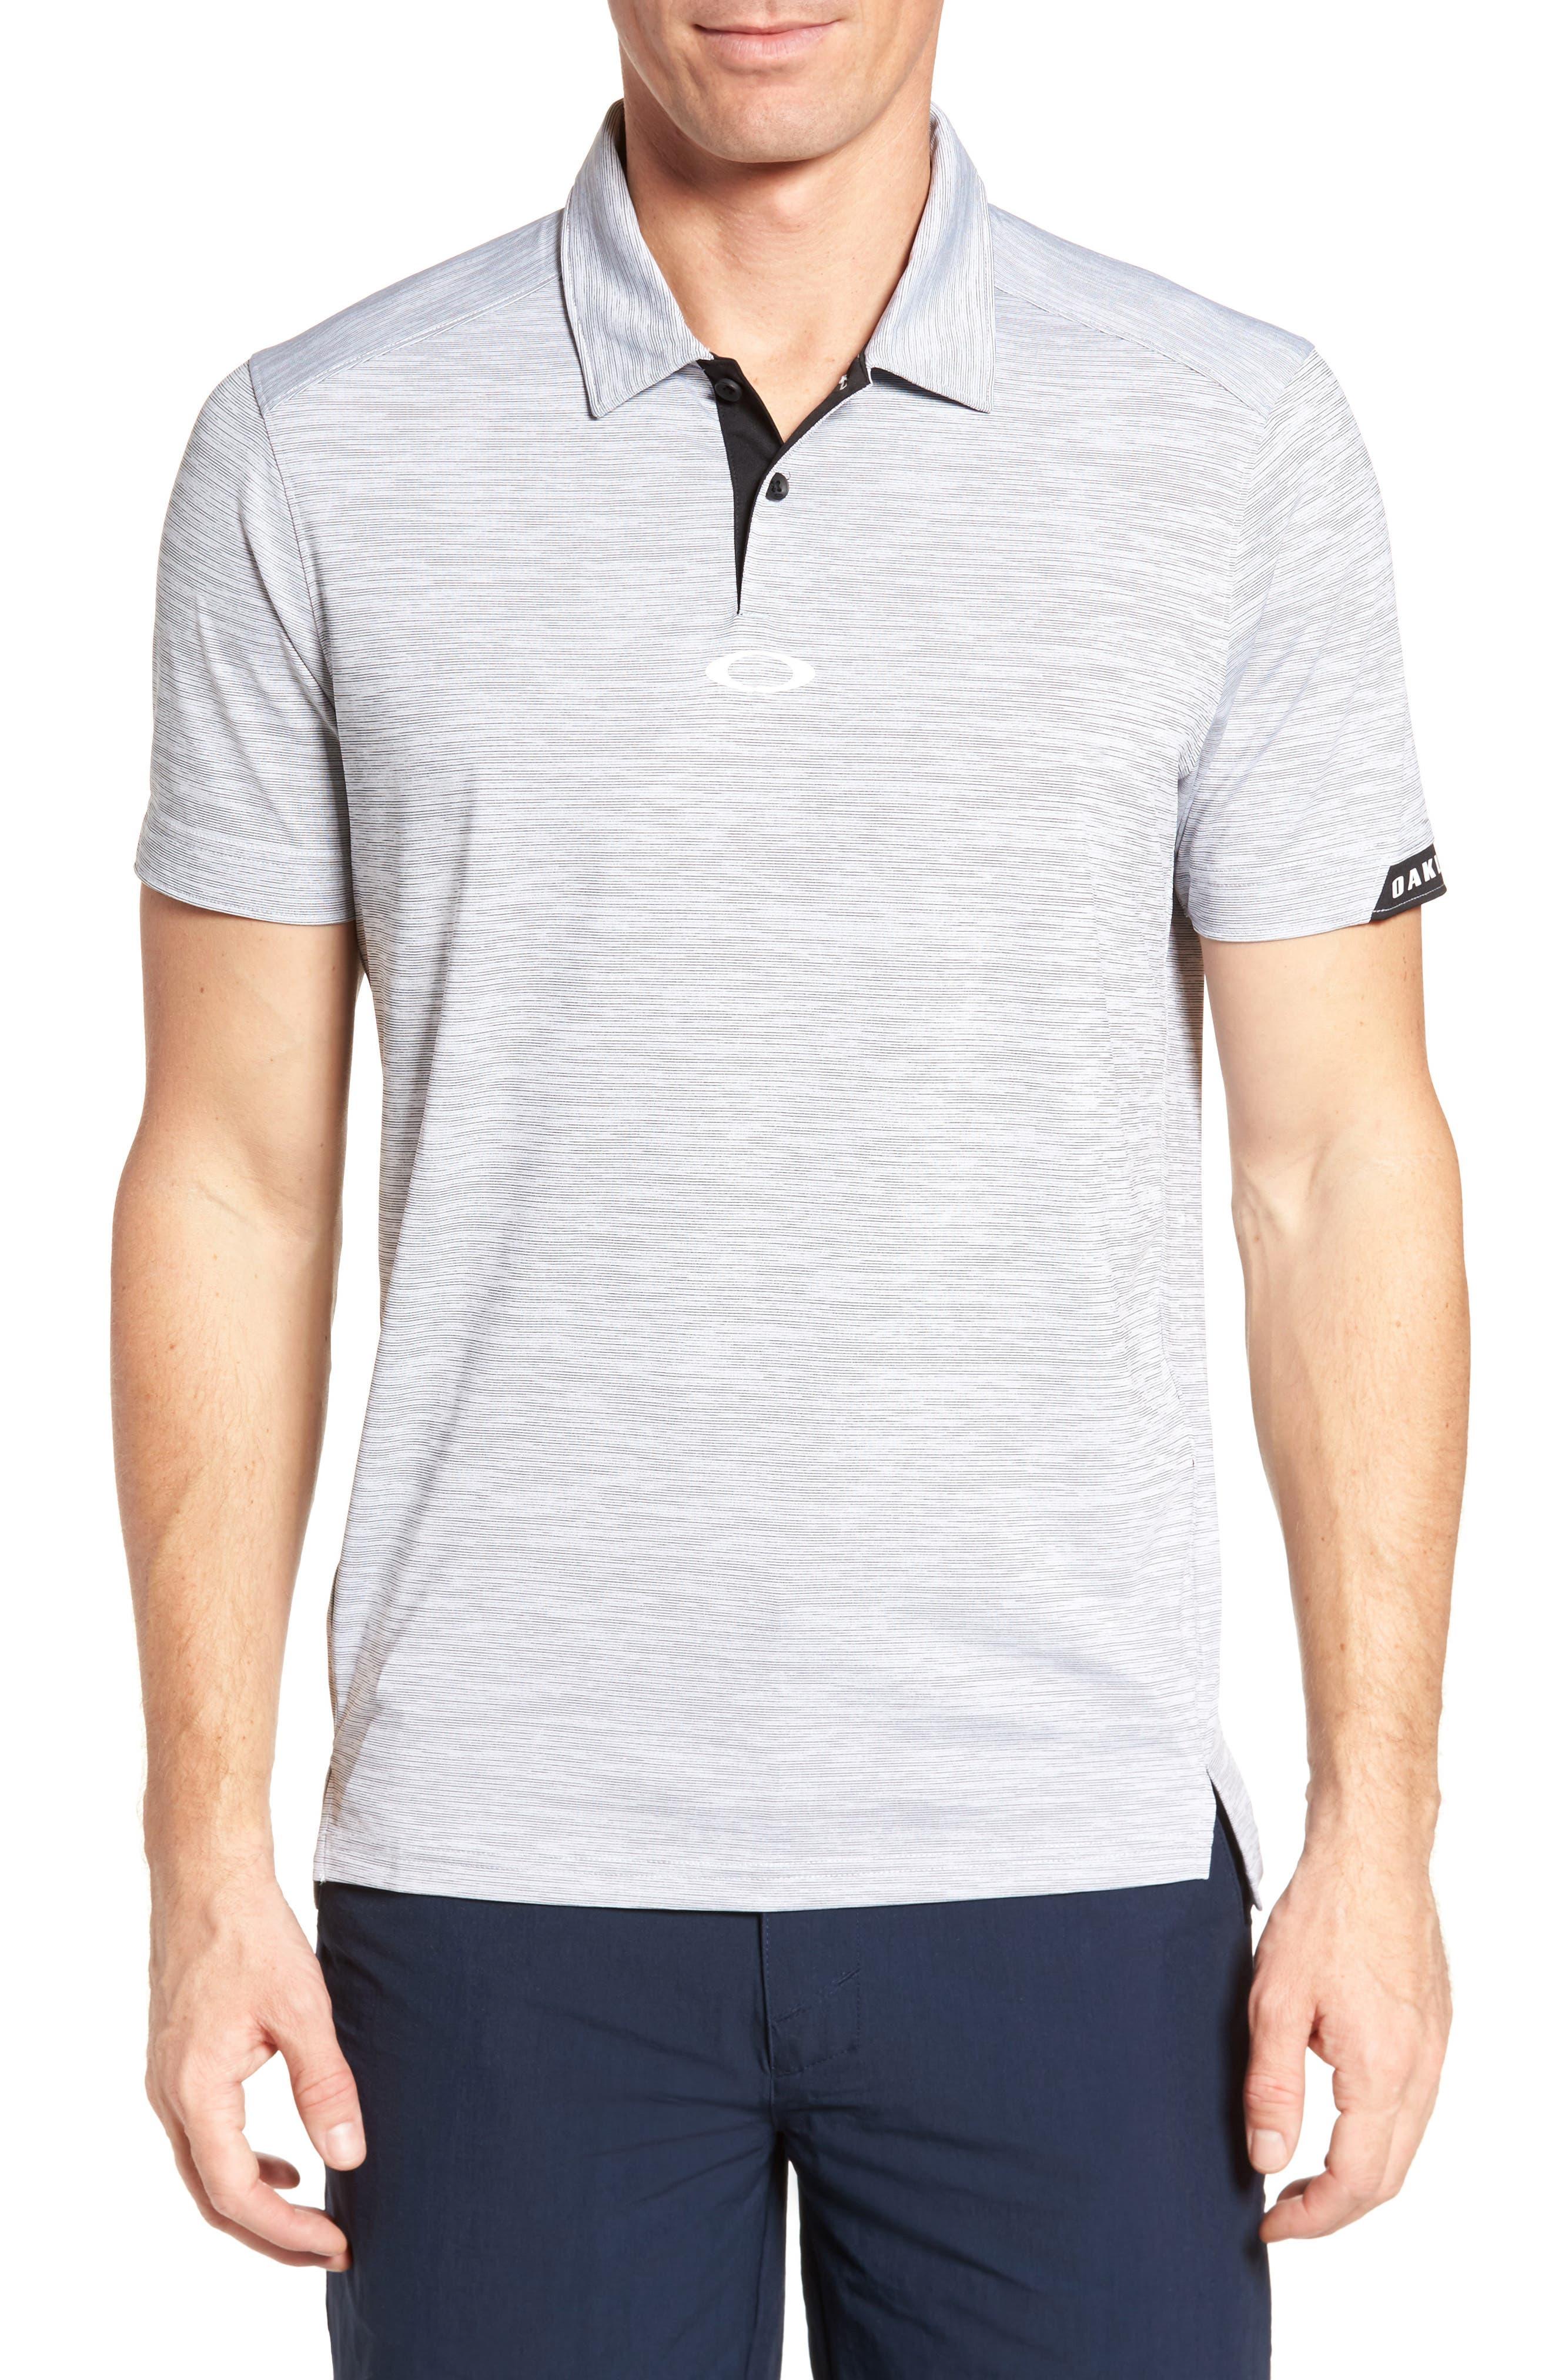 Oakley Gravity Polo Shirt, Black